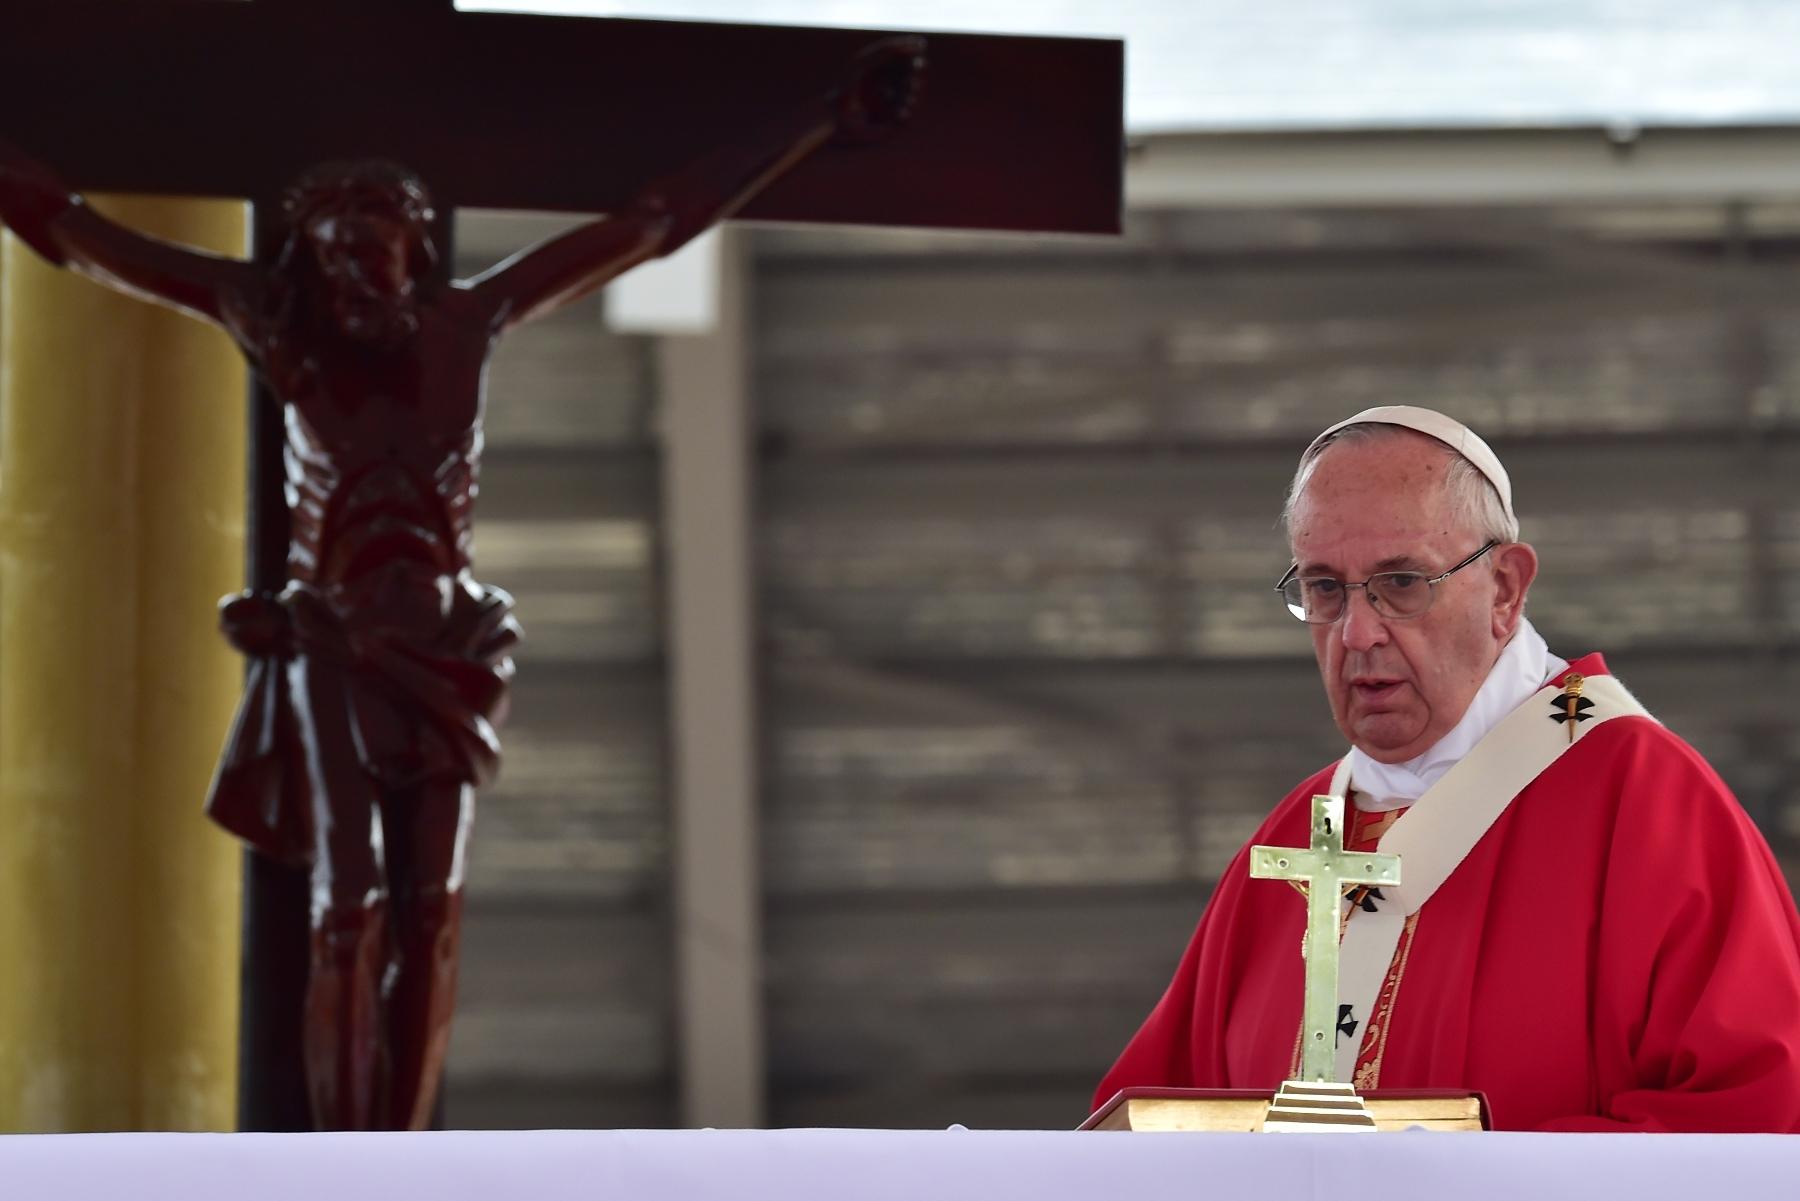 Второй день пребывания Папы в Уганде: под знаком мученичества и экуменизма (ФОТО)